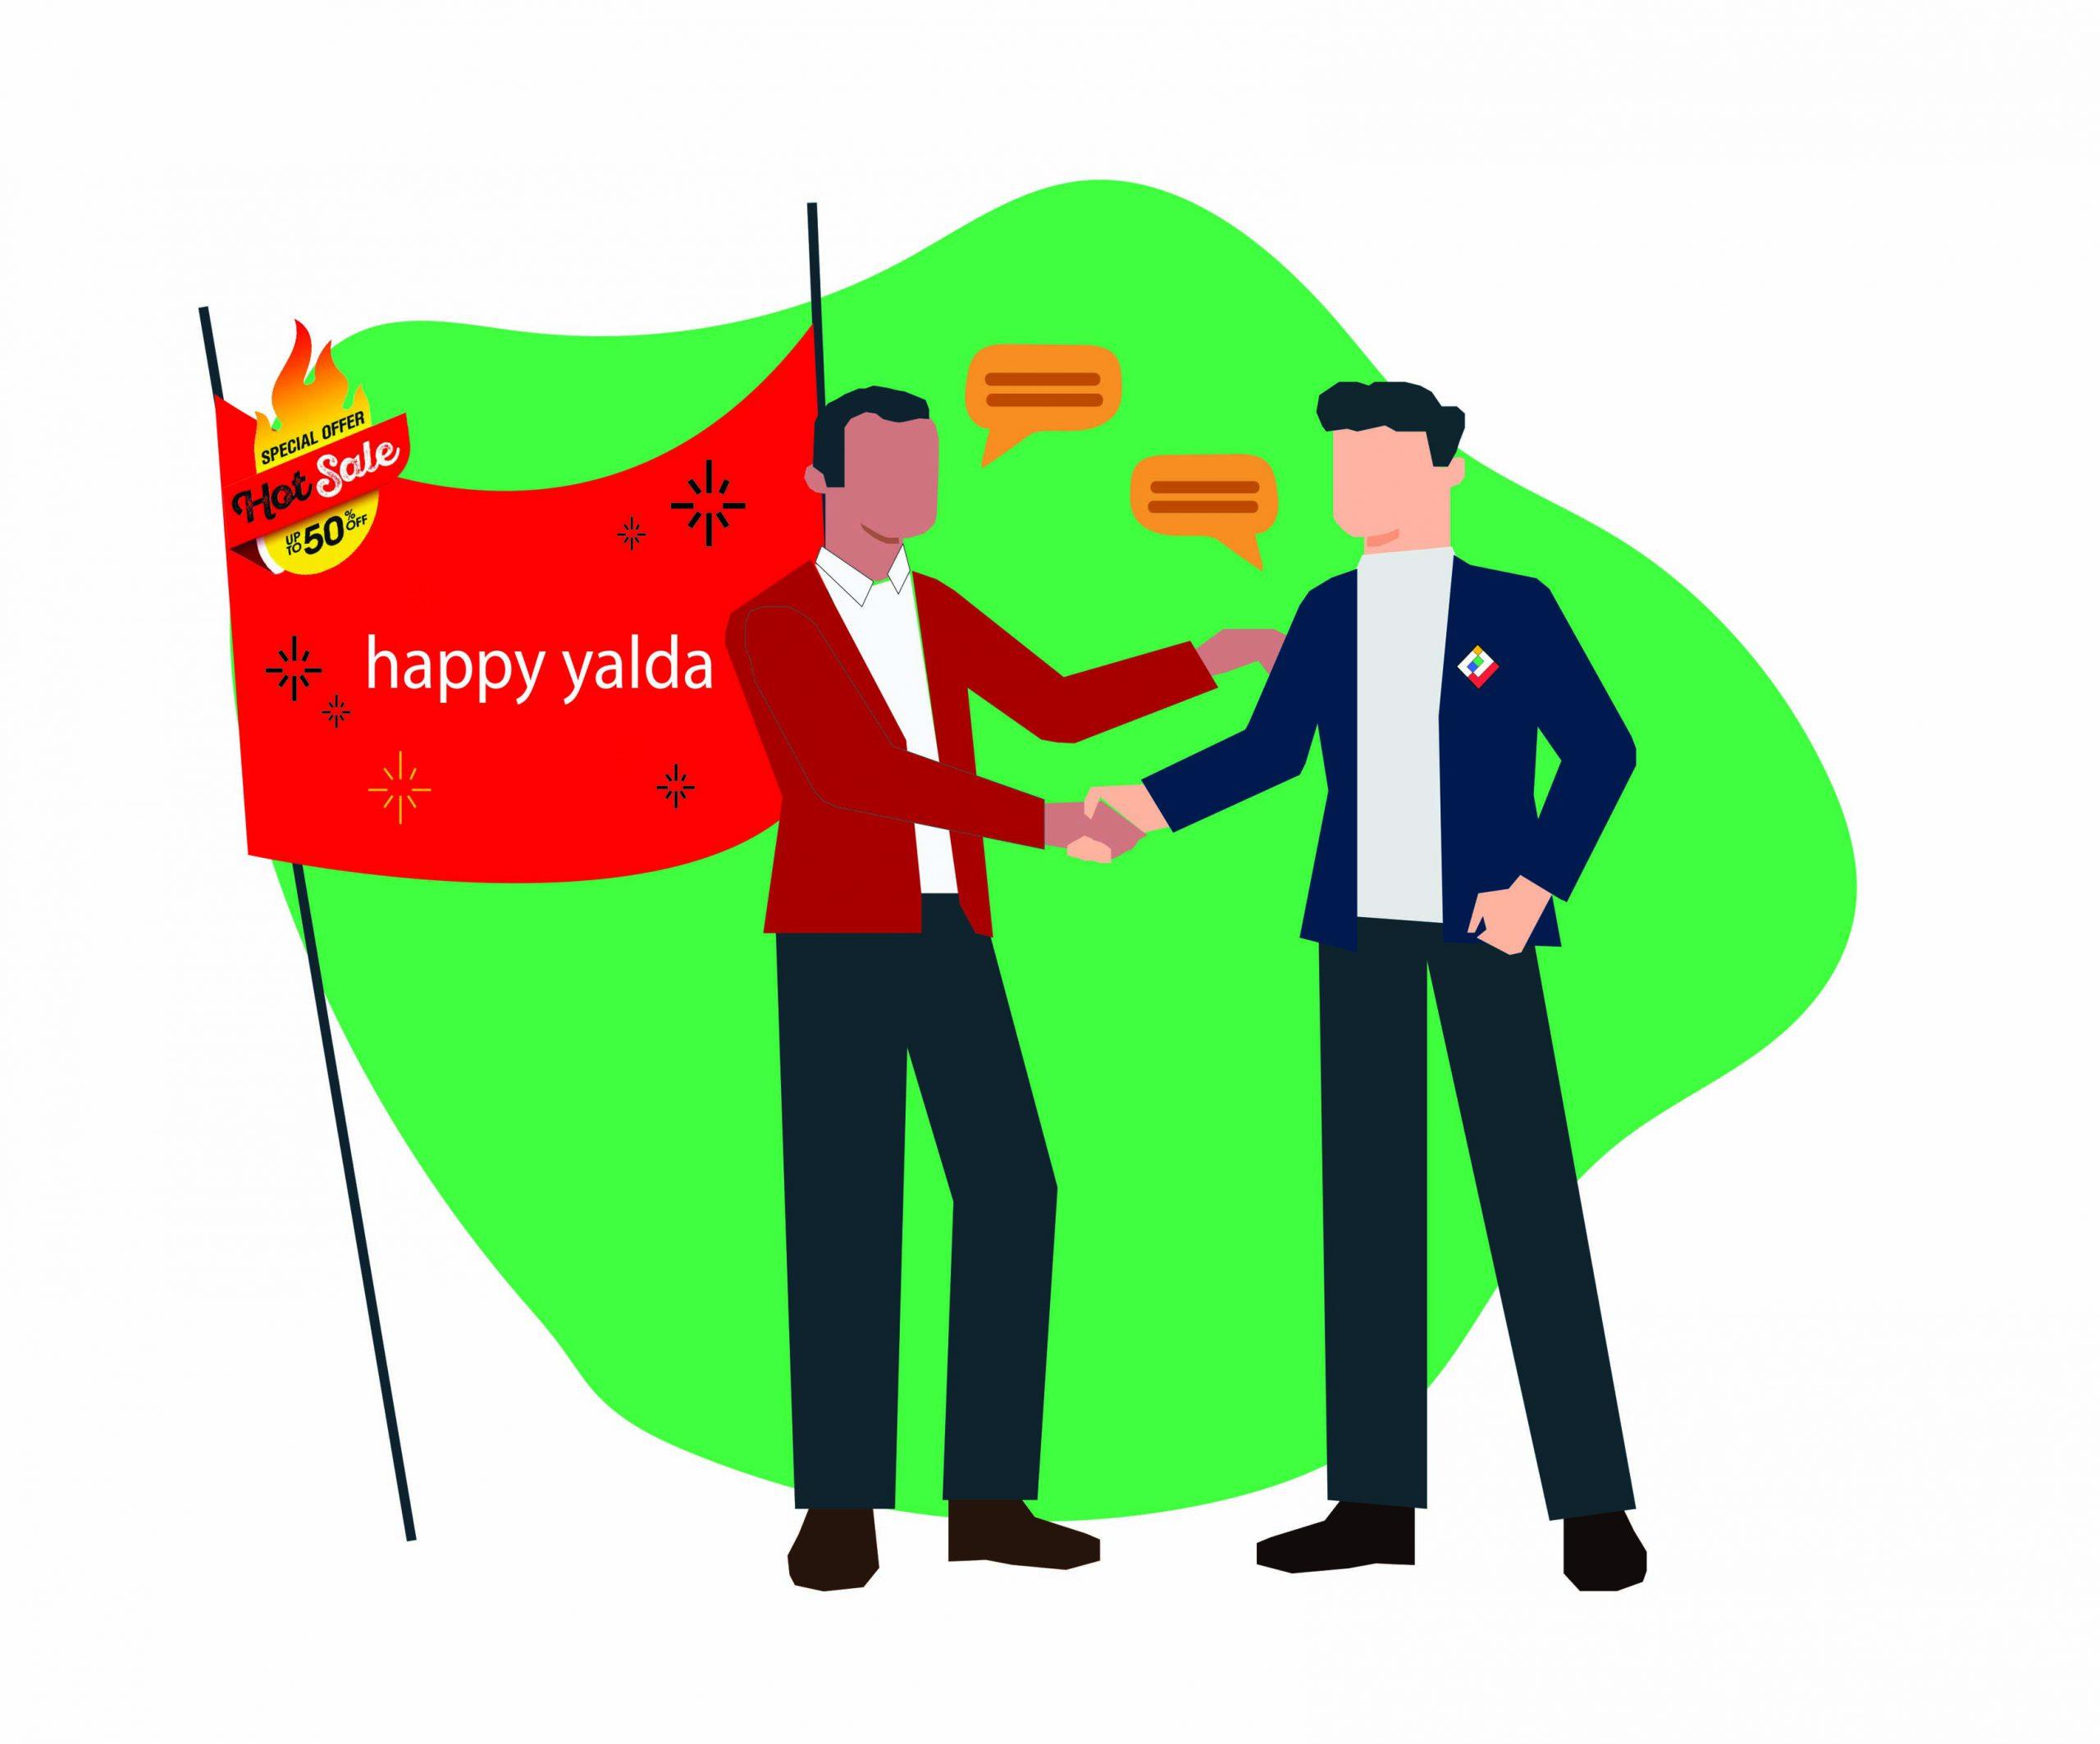 کمپینهای تبلیغاتی یلدا و نوروز